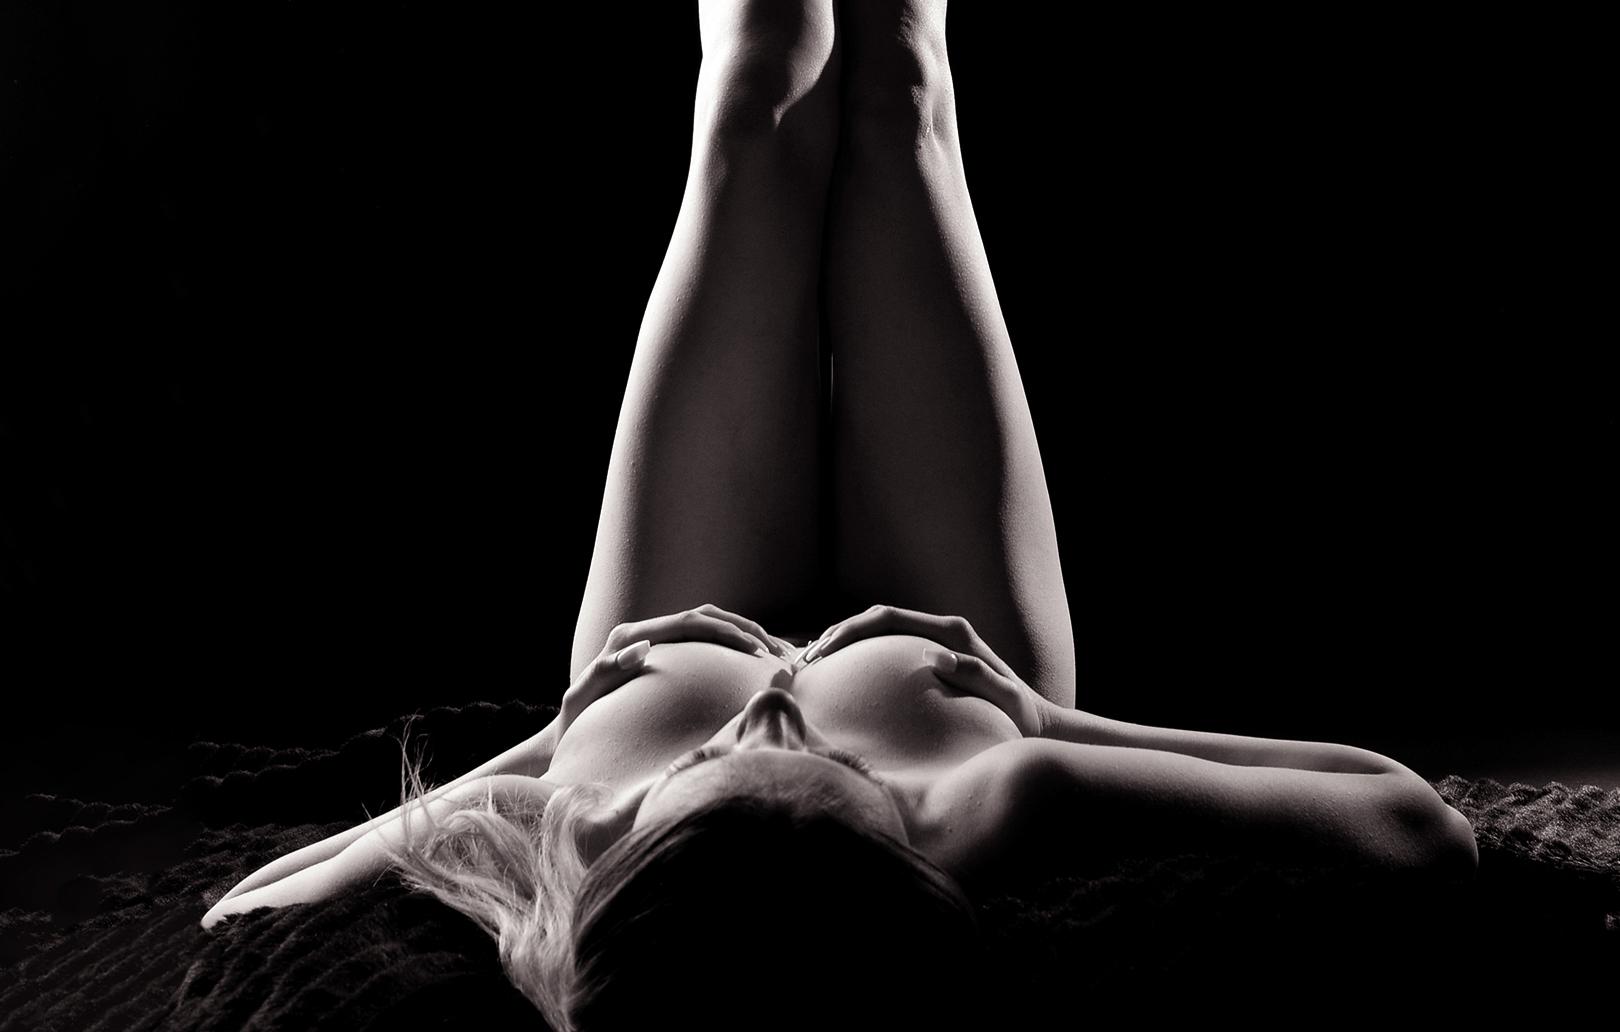 erotisches-fotoshooting-berlin-bg21610460235